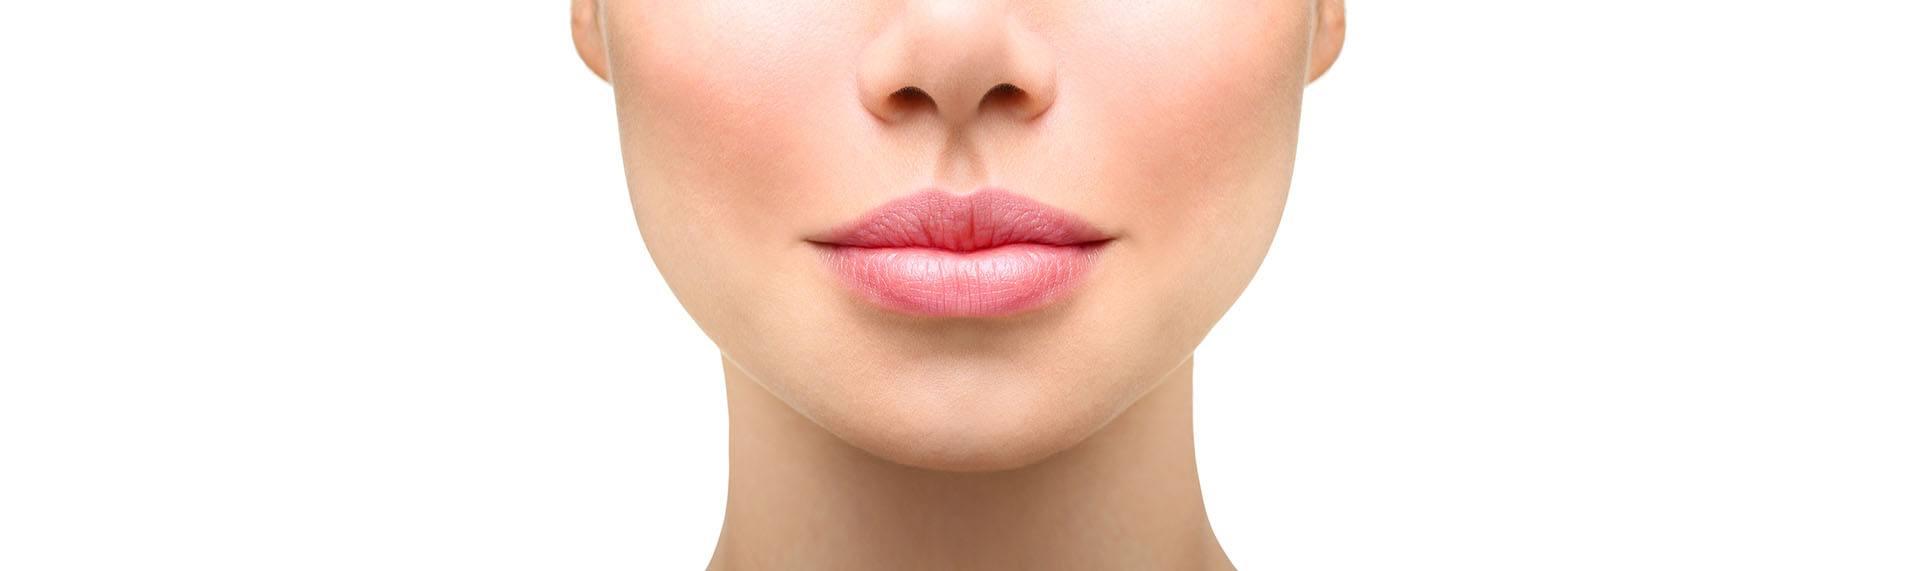 facial-rejuvenation-slide2